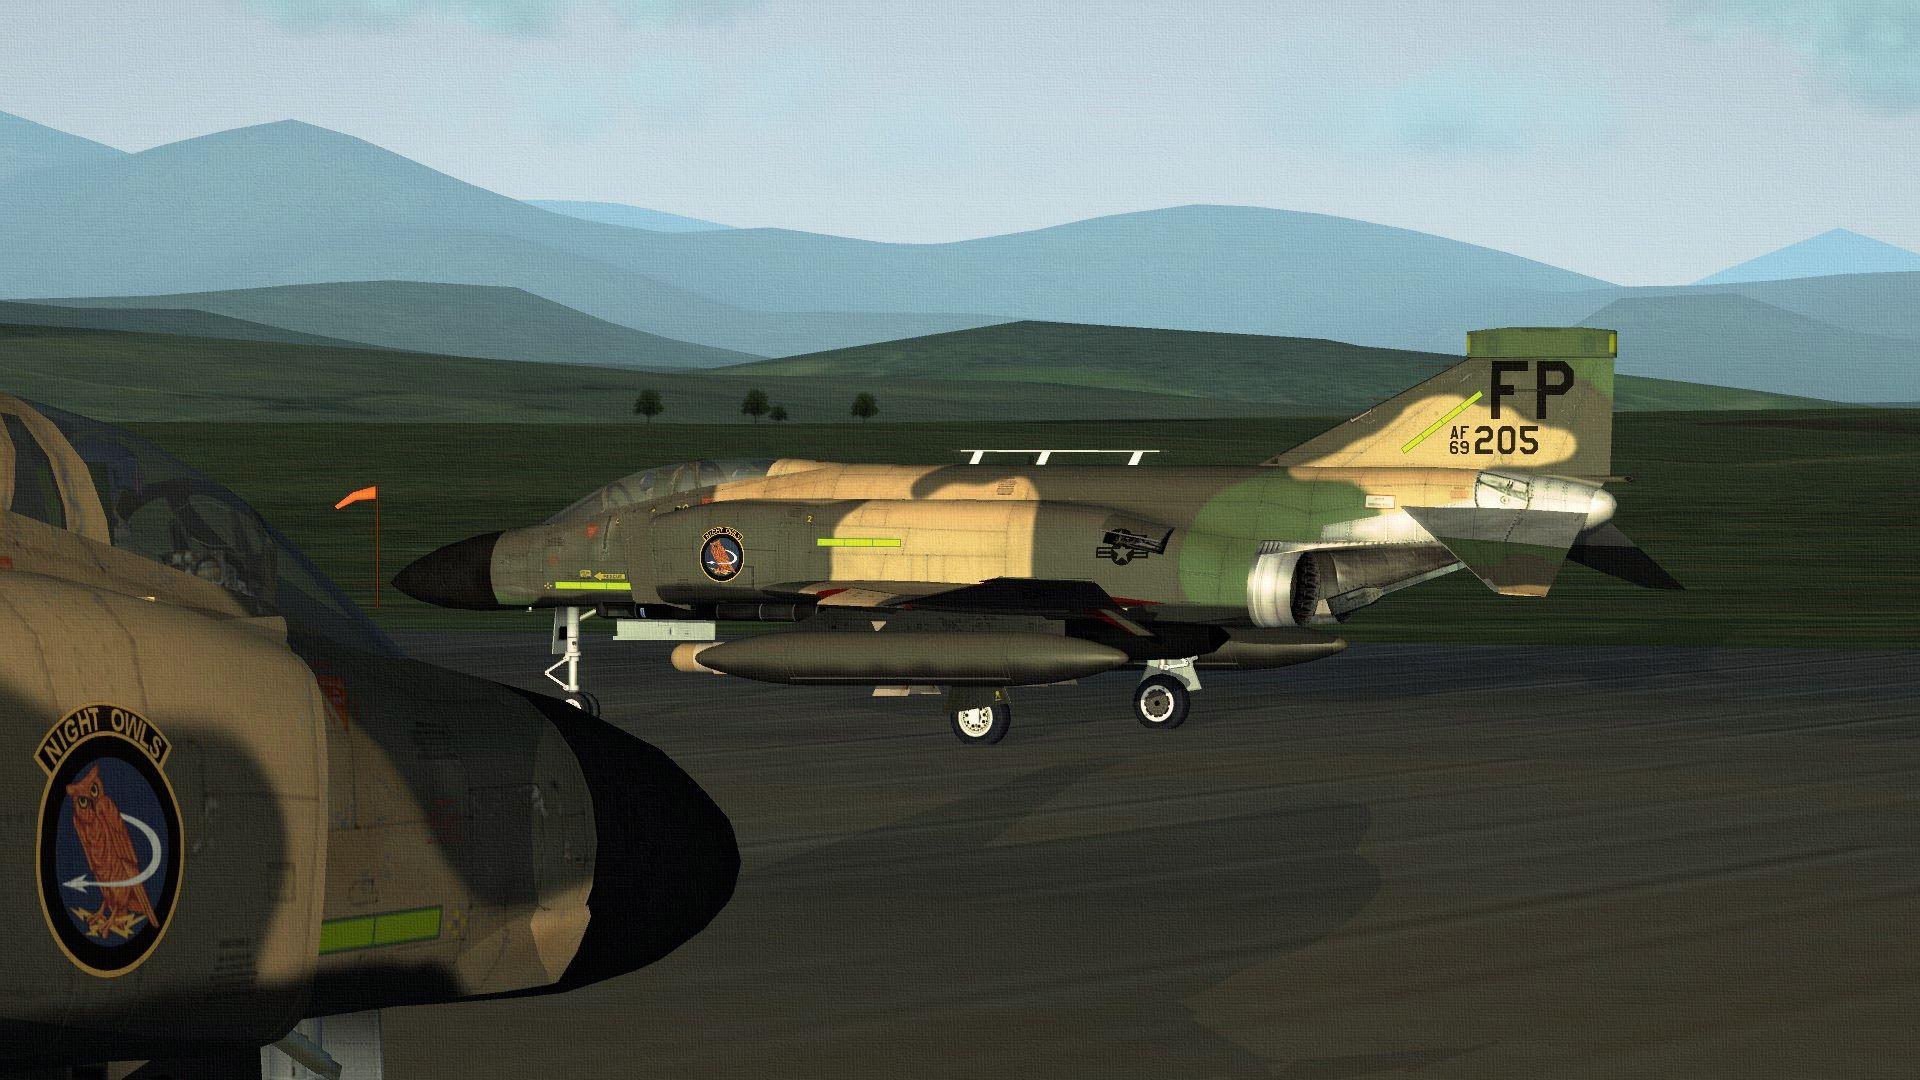 USAFF-4MPHANTOM13_zps4d821ccf.jpg